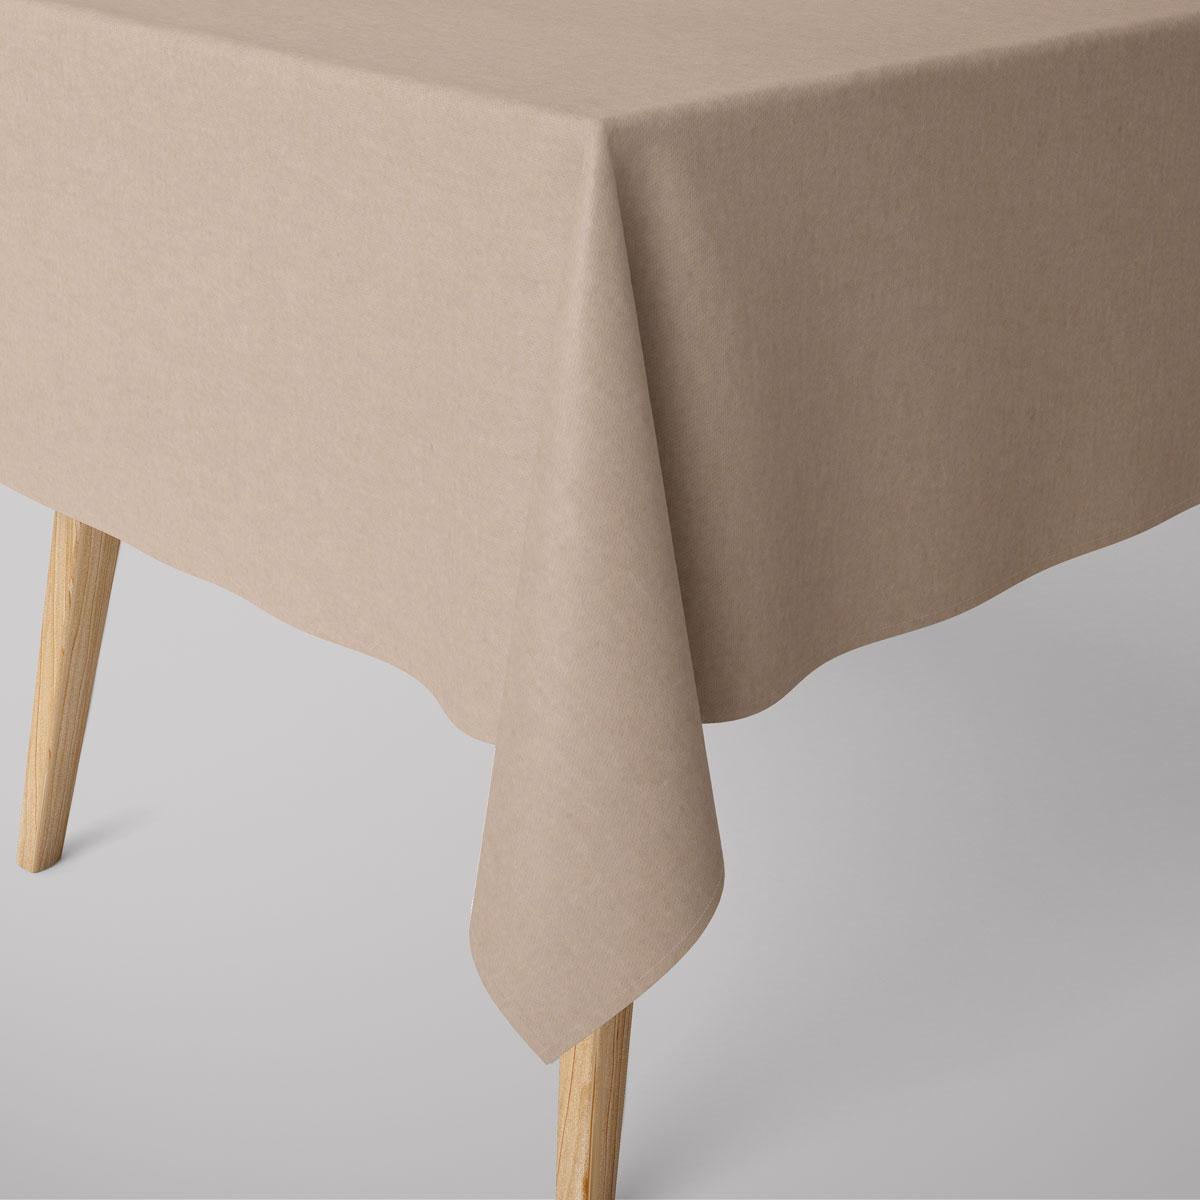 SCHÖNER LEBEN. Tischdecke Leinenlook uni natur verschiedene Größen